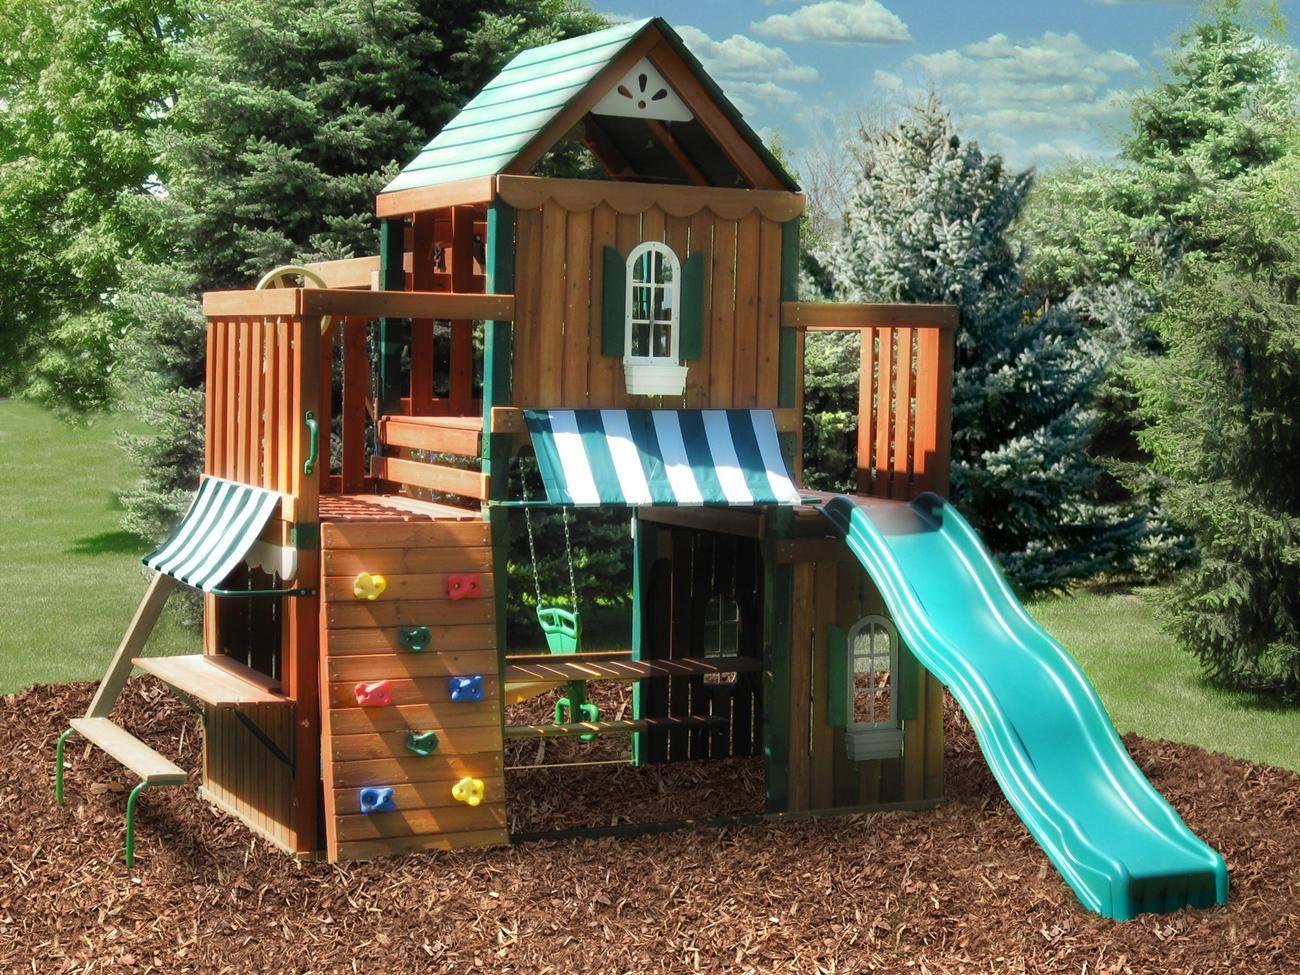 juneau wood complete playset kit swing n slide play